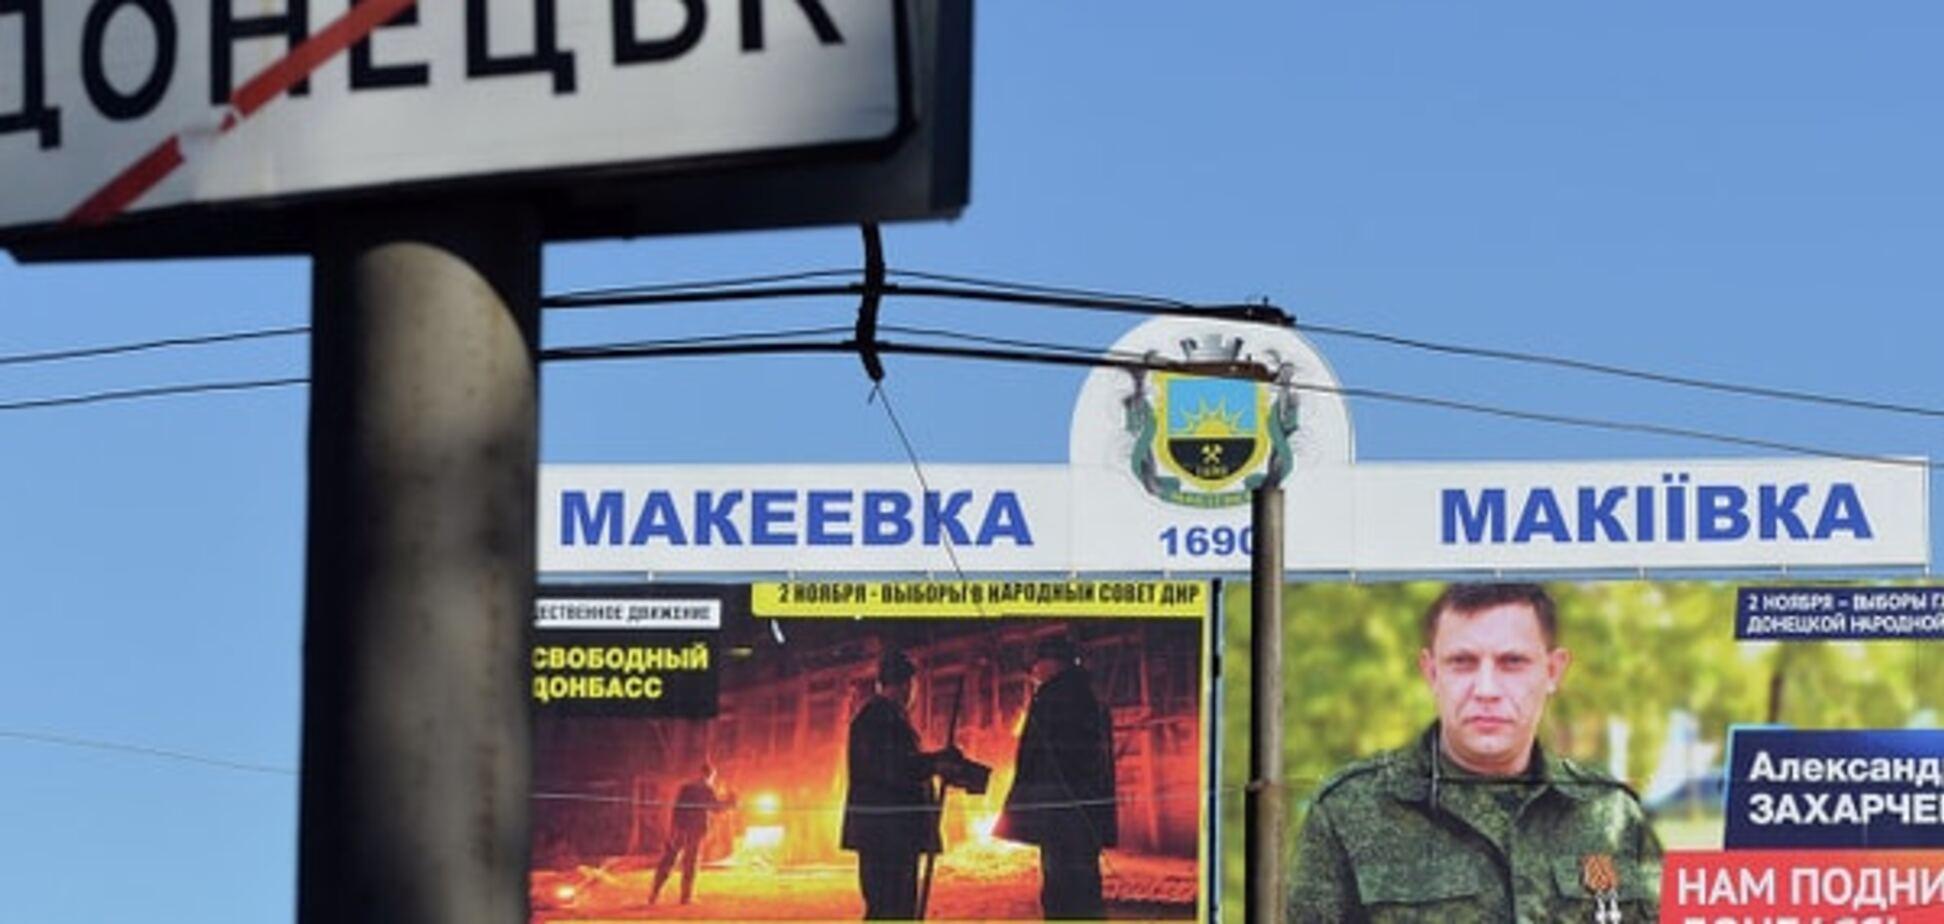 Прапори 'ДНР' і хлопці в стилі 'гоп-стоп': юрист описала 'принади' поїздки до Донецька